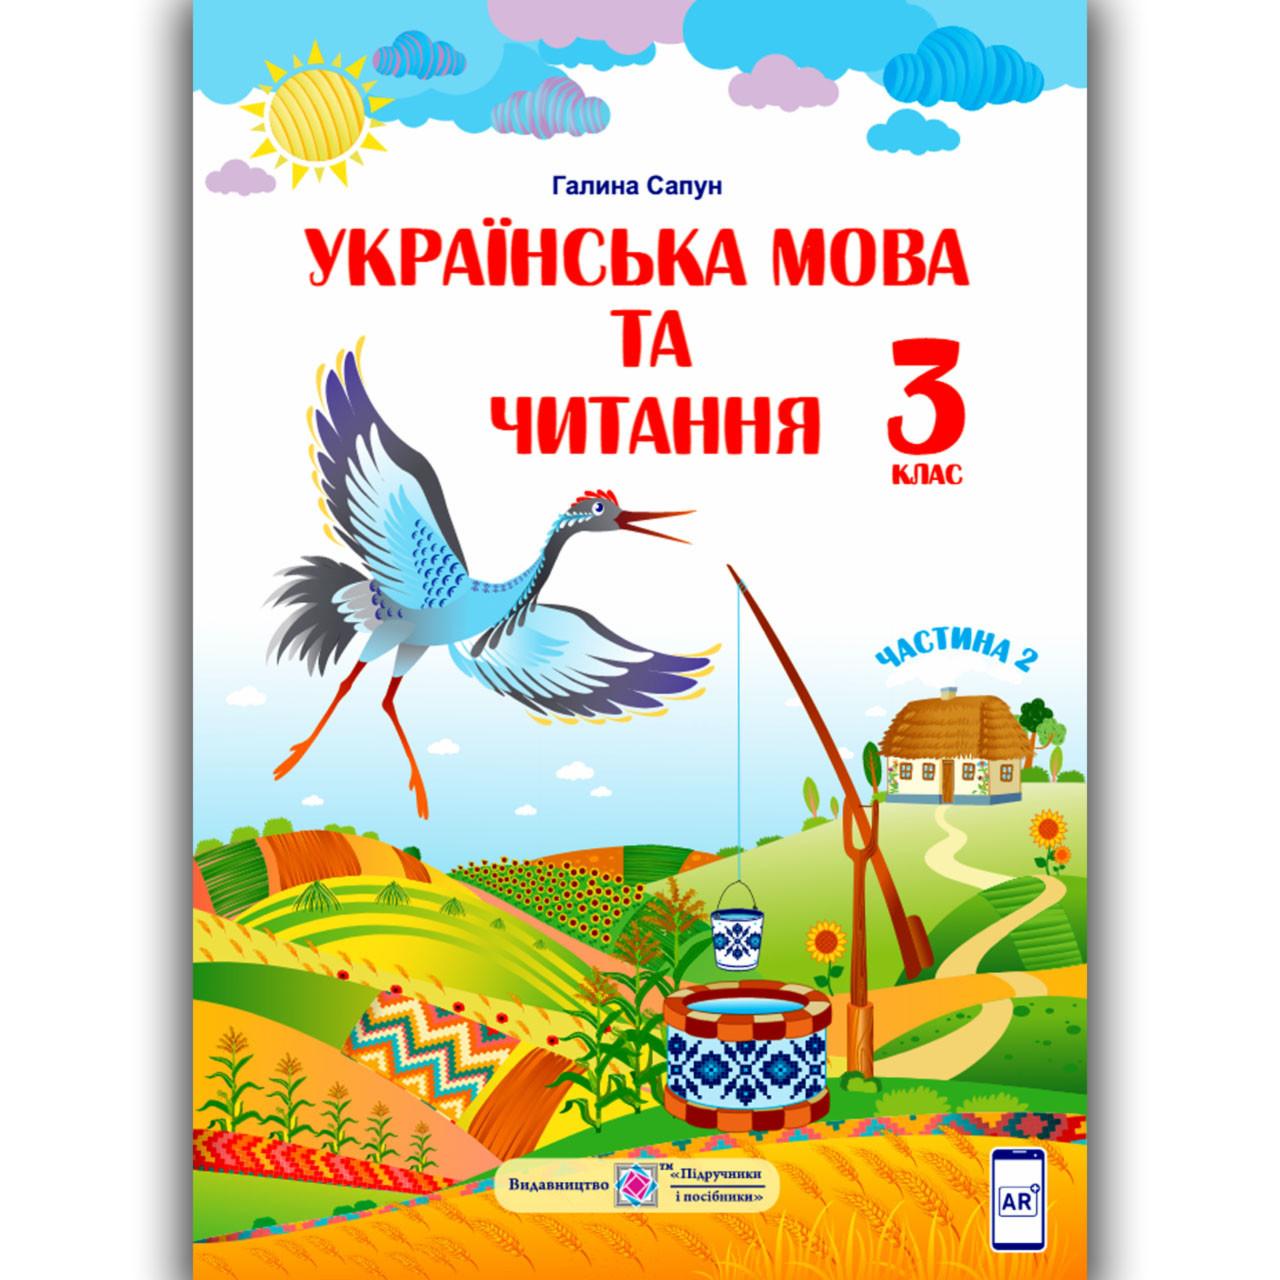 Підручник Українська мова та читання 3 клас Частина 2 Авт: Сапун Г. Вид: Підручники і Посібники